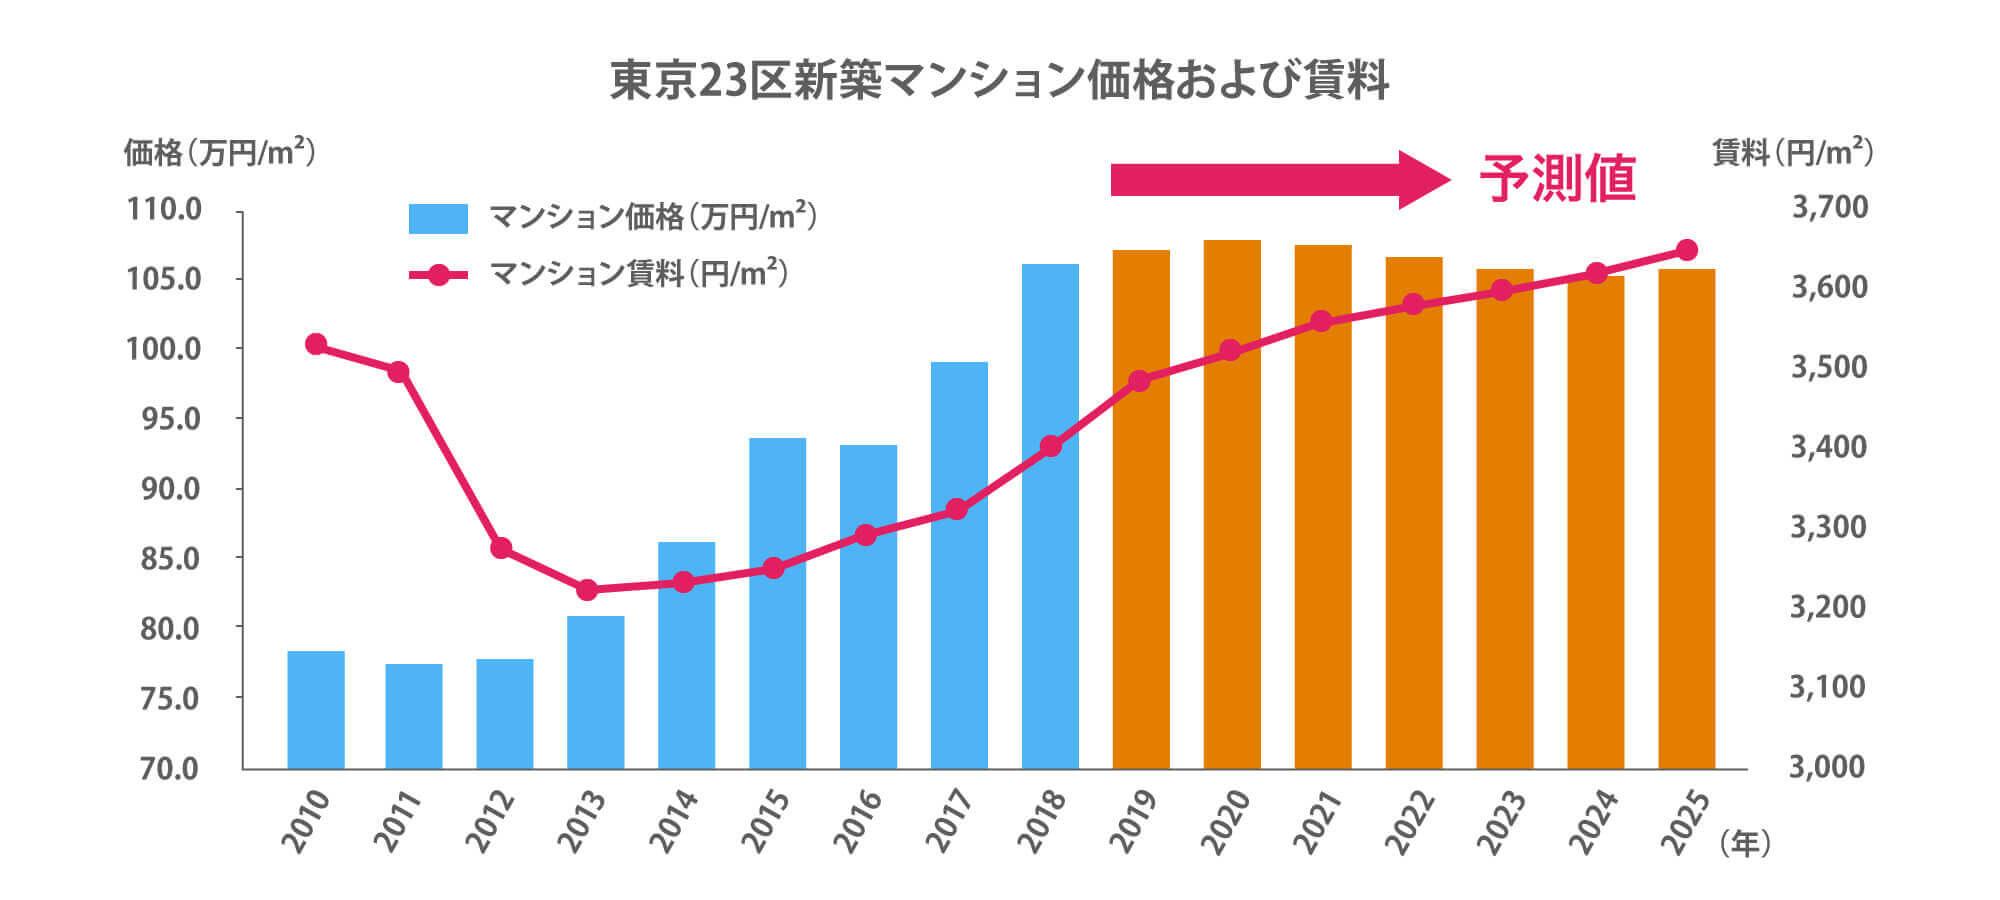 東京23区新築マンション価格および賃料